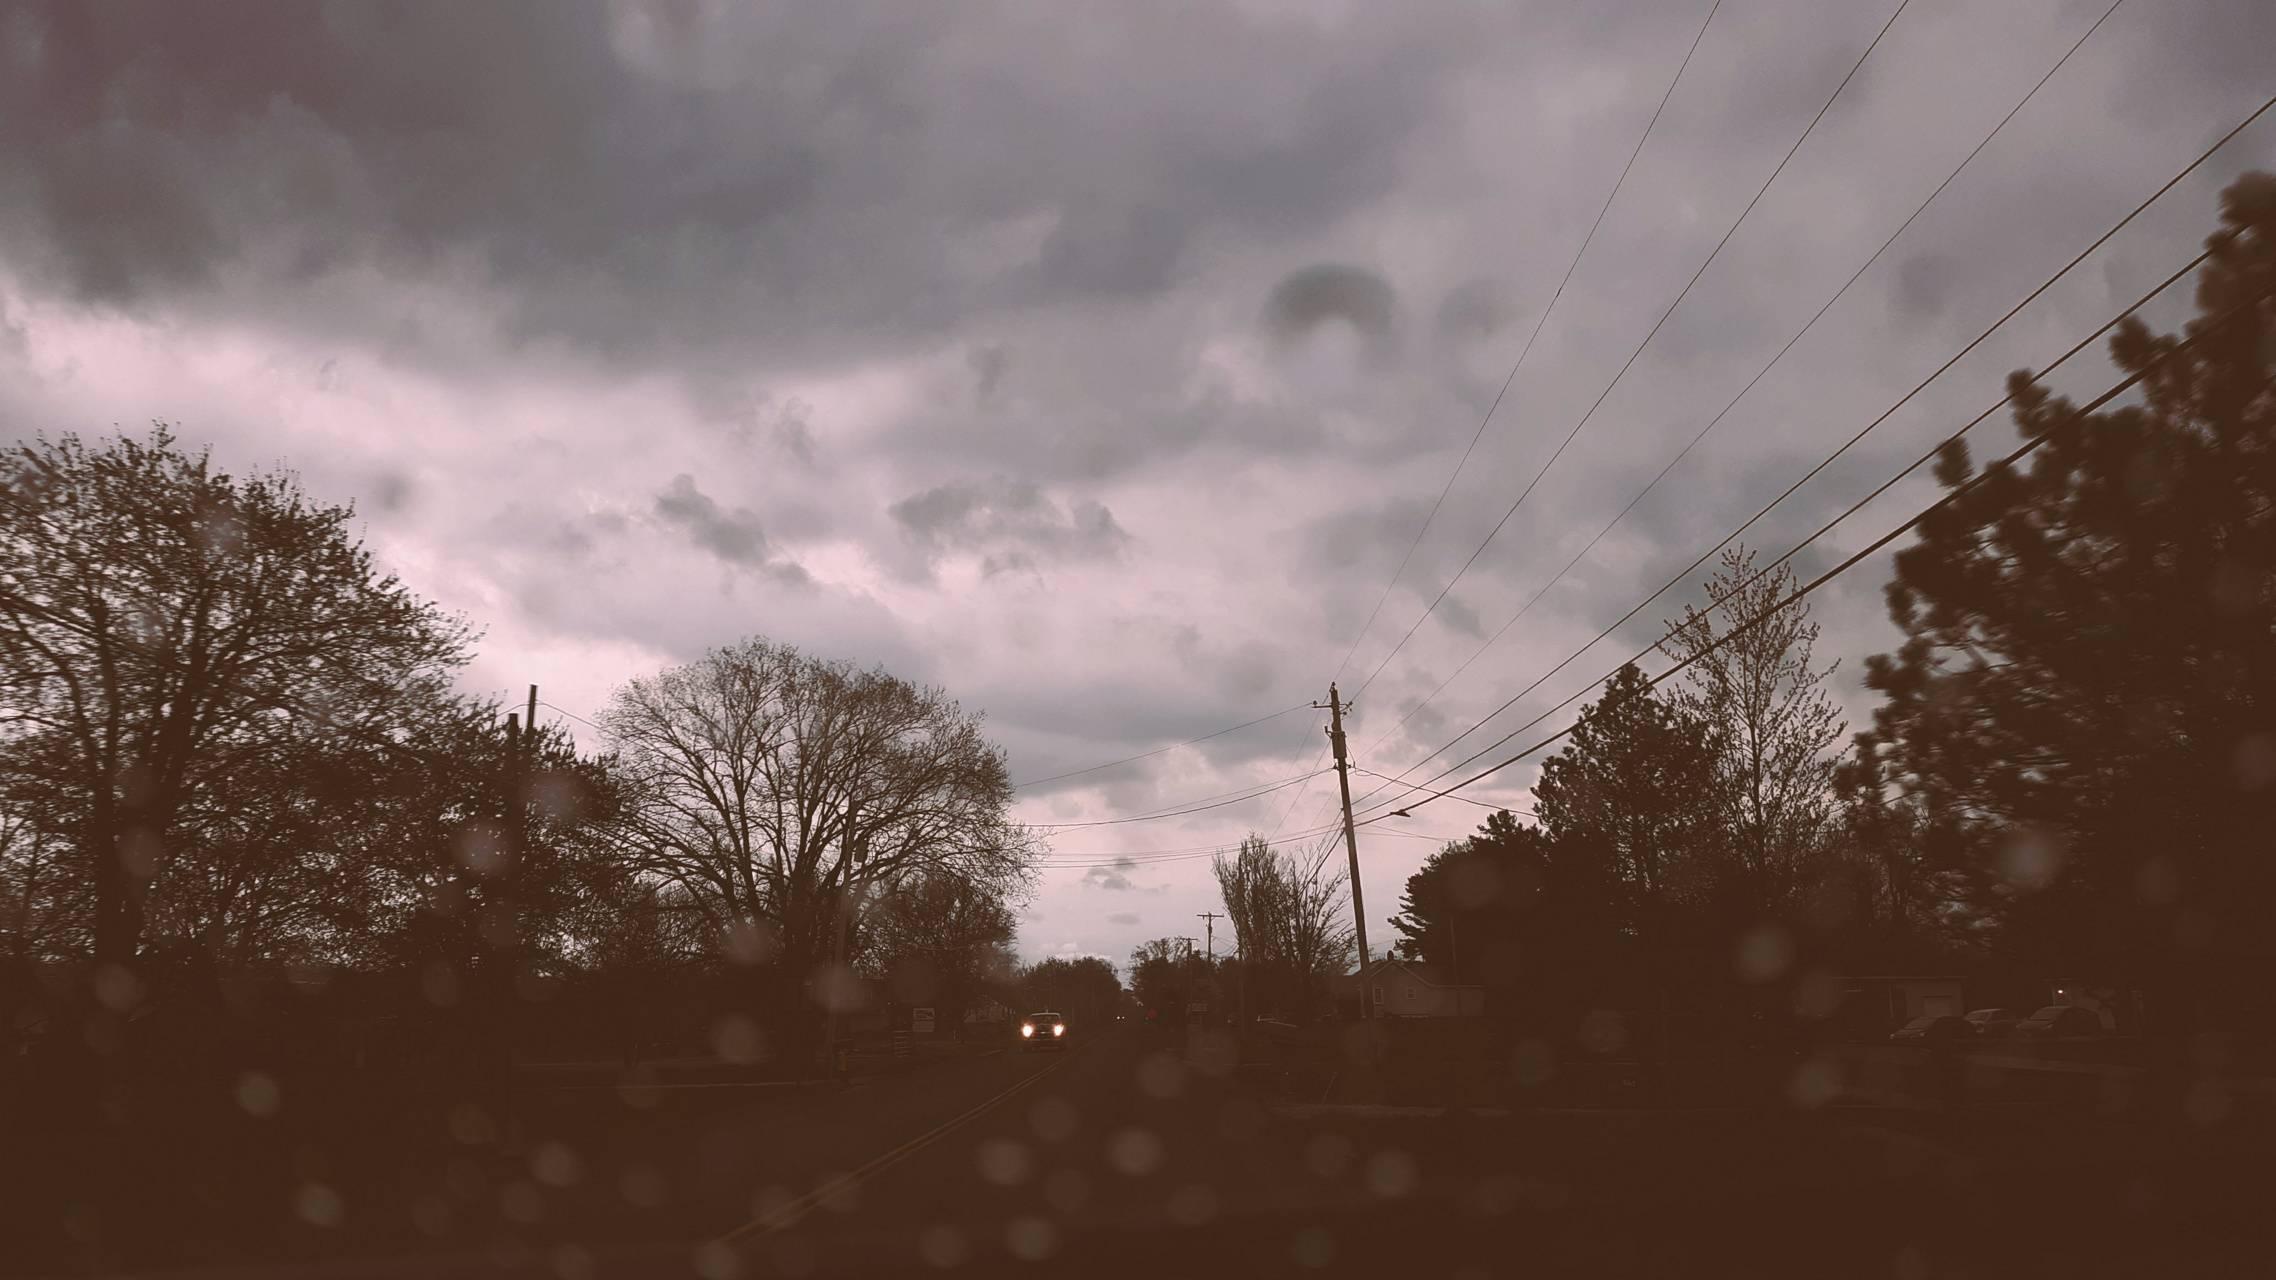 Rainy Headlights